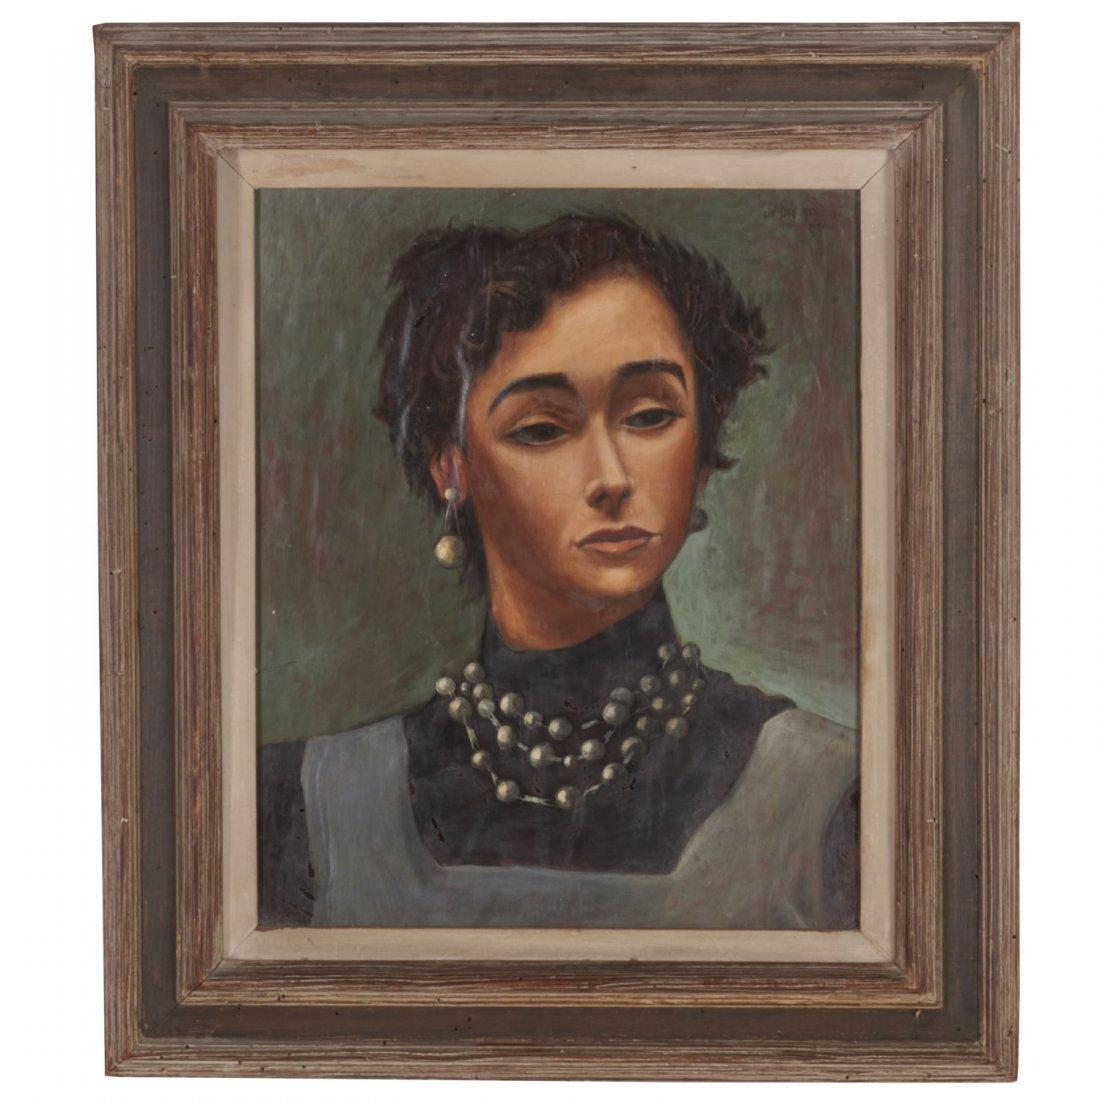 Julio de Diego, painting